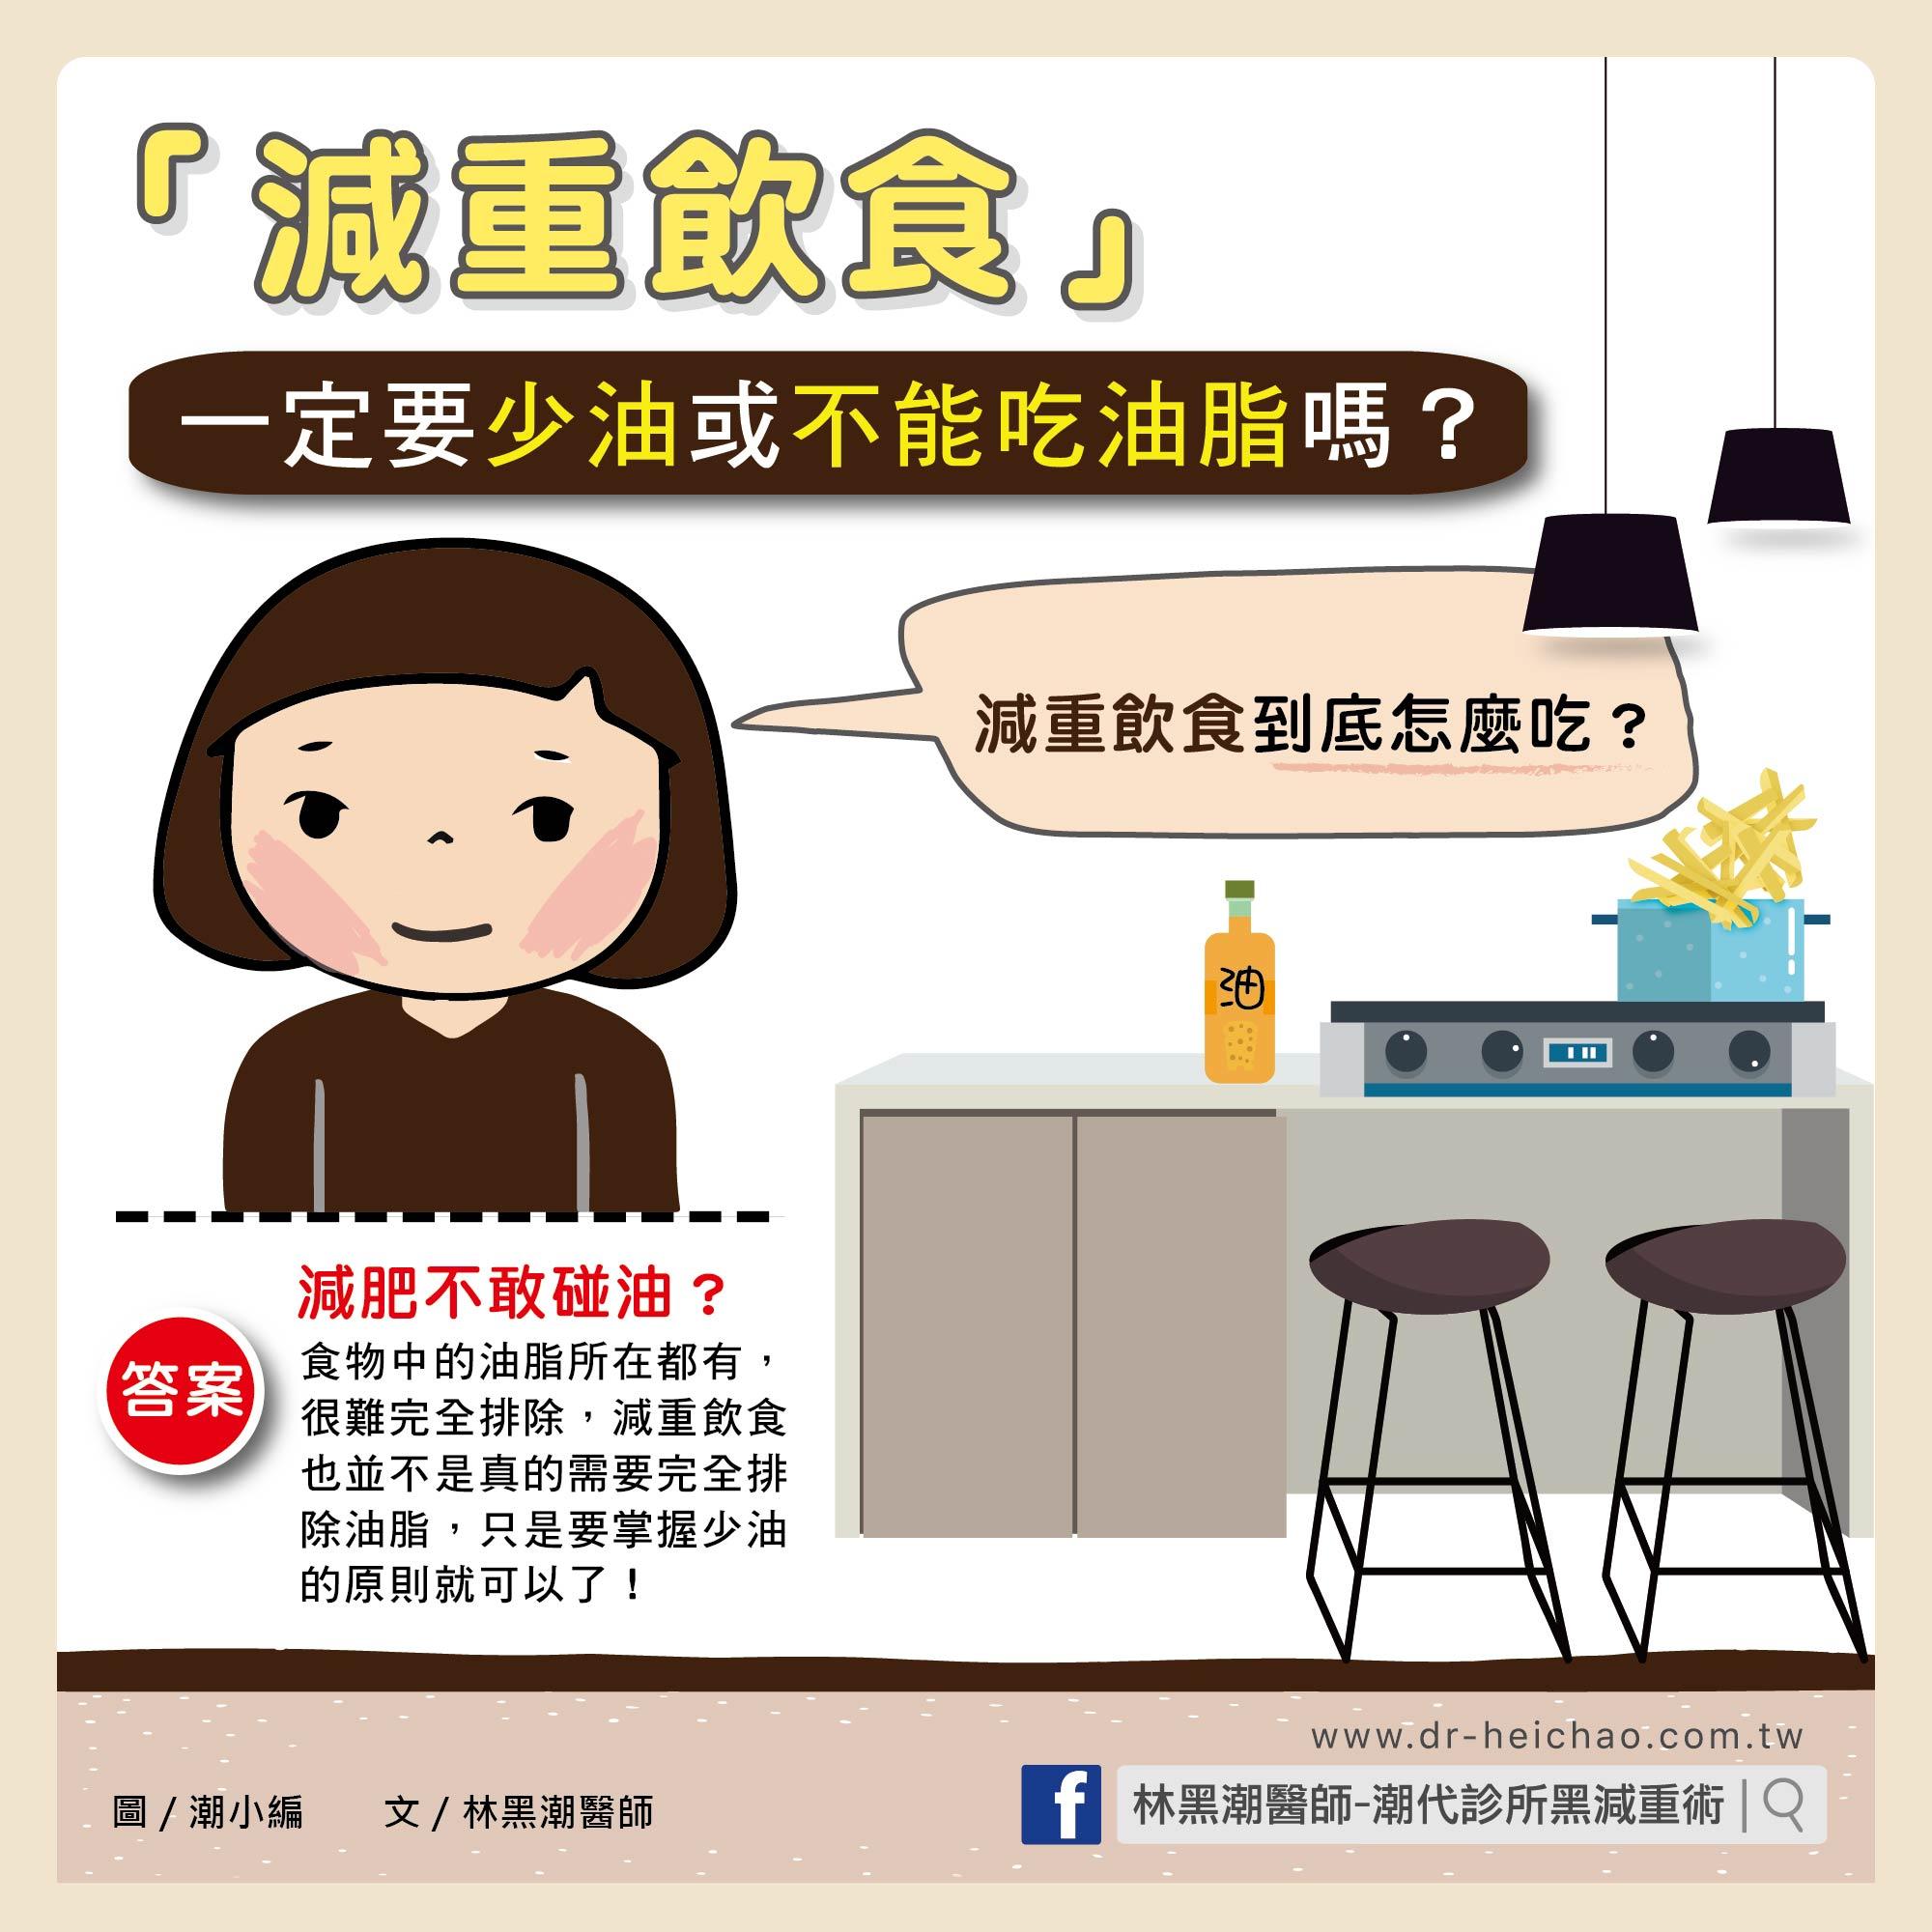 減重飲食一定要少油或不能吃油脂嗎?/文:林黑潮醫師